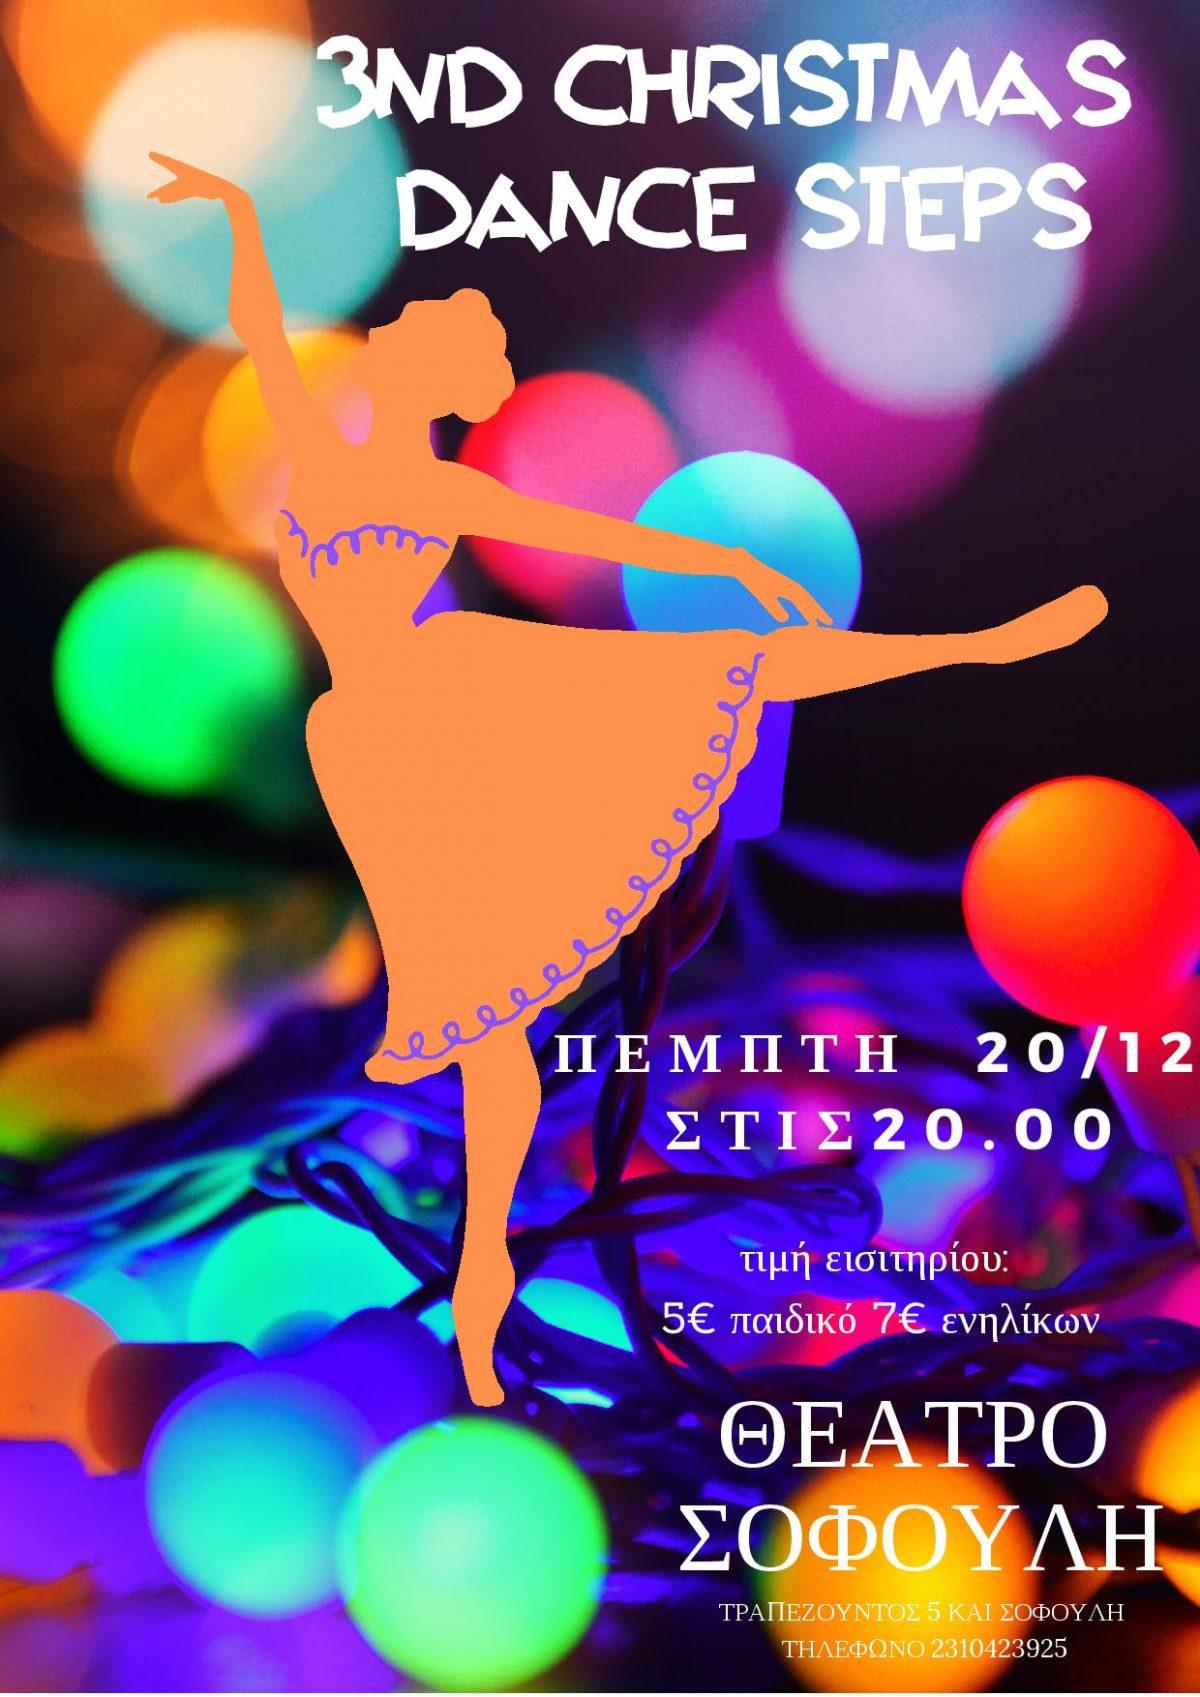 Χορευτικές συναντήσεις 3rd Christmas Dance Steps Πέμπτη 20 Δεκεμβρίου στις 20.00